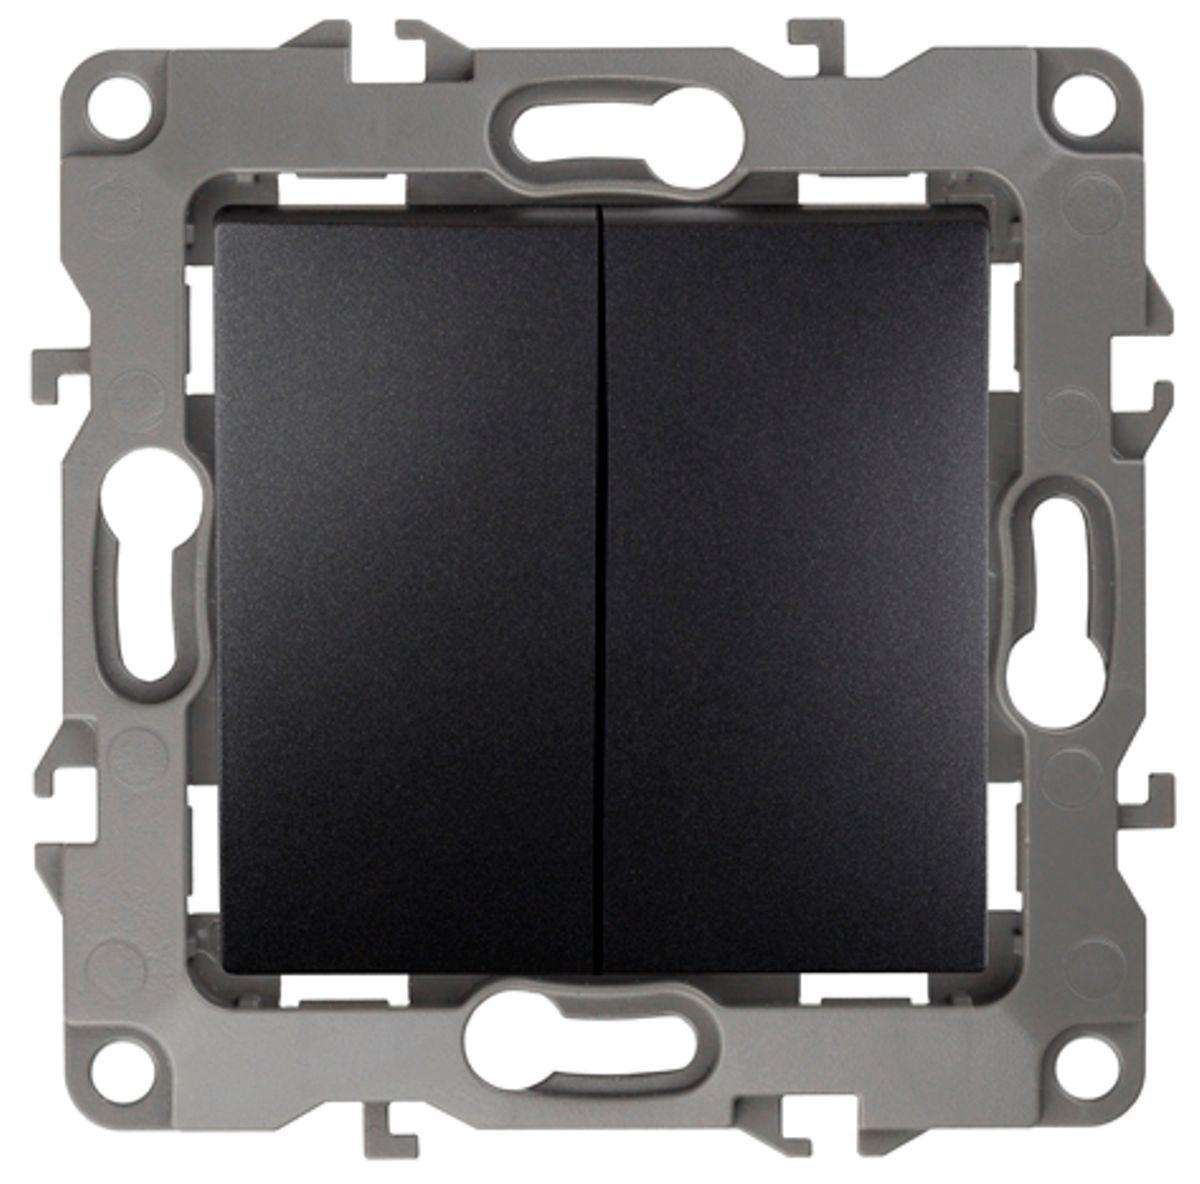 Выключатель ЭРА, двойной, цвет: антрацит, серый. 12-100412-1004-05Двойной выключатель ЭРА выполнен из прочного пластика, контакты бронзовые. Изделие просто в установке, надежно в эксплуатации. Выключатель имеет специальные фиксаторы, которые не дают ему смещаться как при монтаже, так и в процессе эксплуатации. Автоматические зажимы кабеля обеспечивают быстрый и надежный монтаж изделия к электросети без отвертки и не требуют обслуживания в отличие от винтовых зажимов. УВАЖАЕМЫЕ КЛИЕНТЫ! Обращаем ваше внимание на тот факт, что монтажные лапки в комплект не входят.